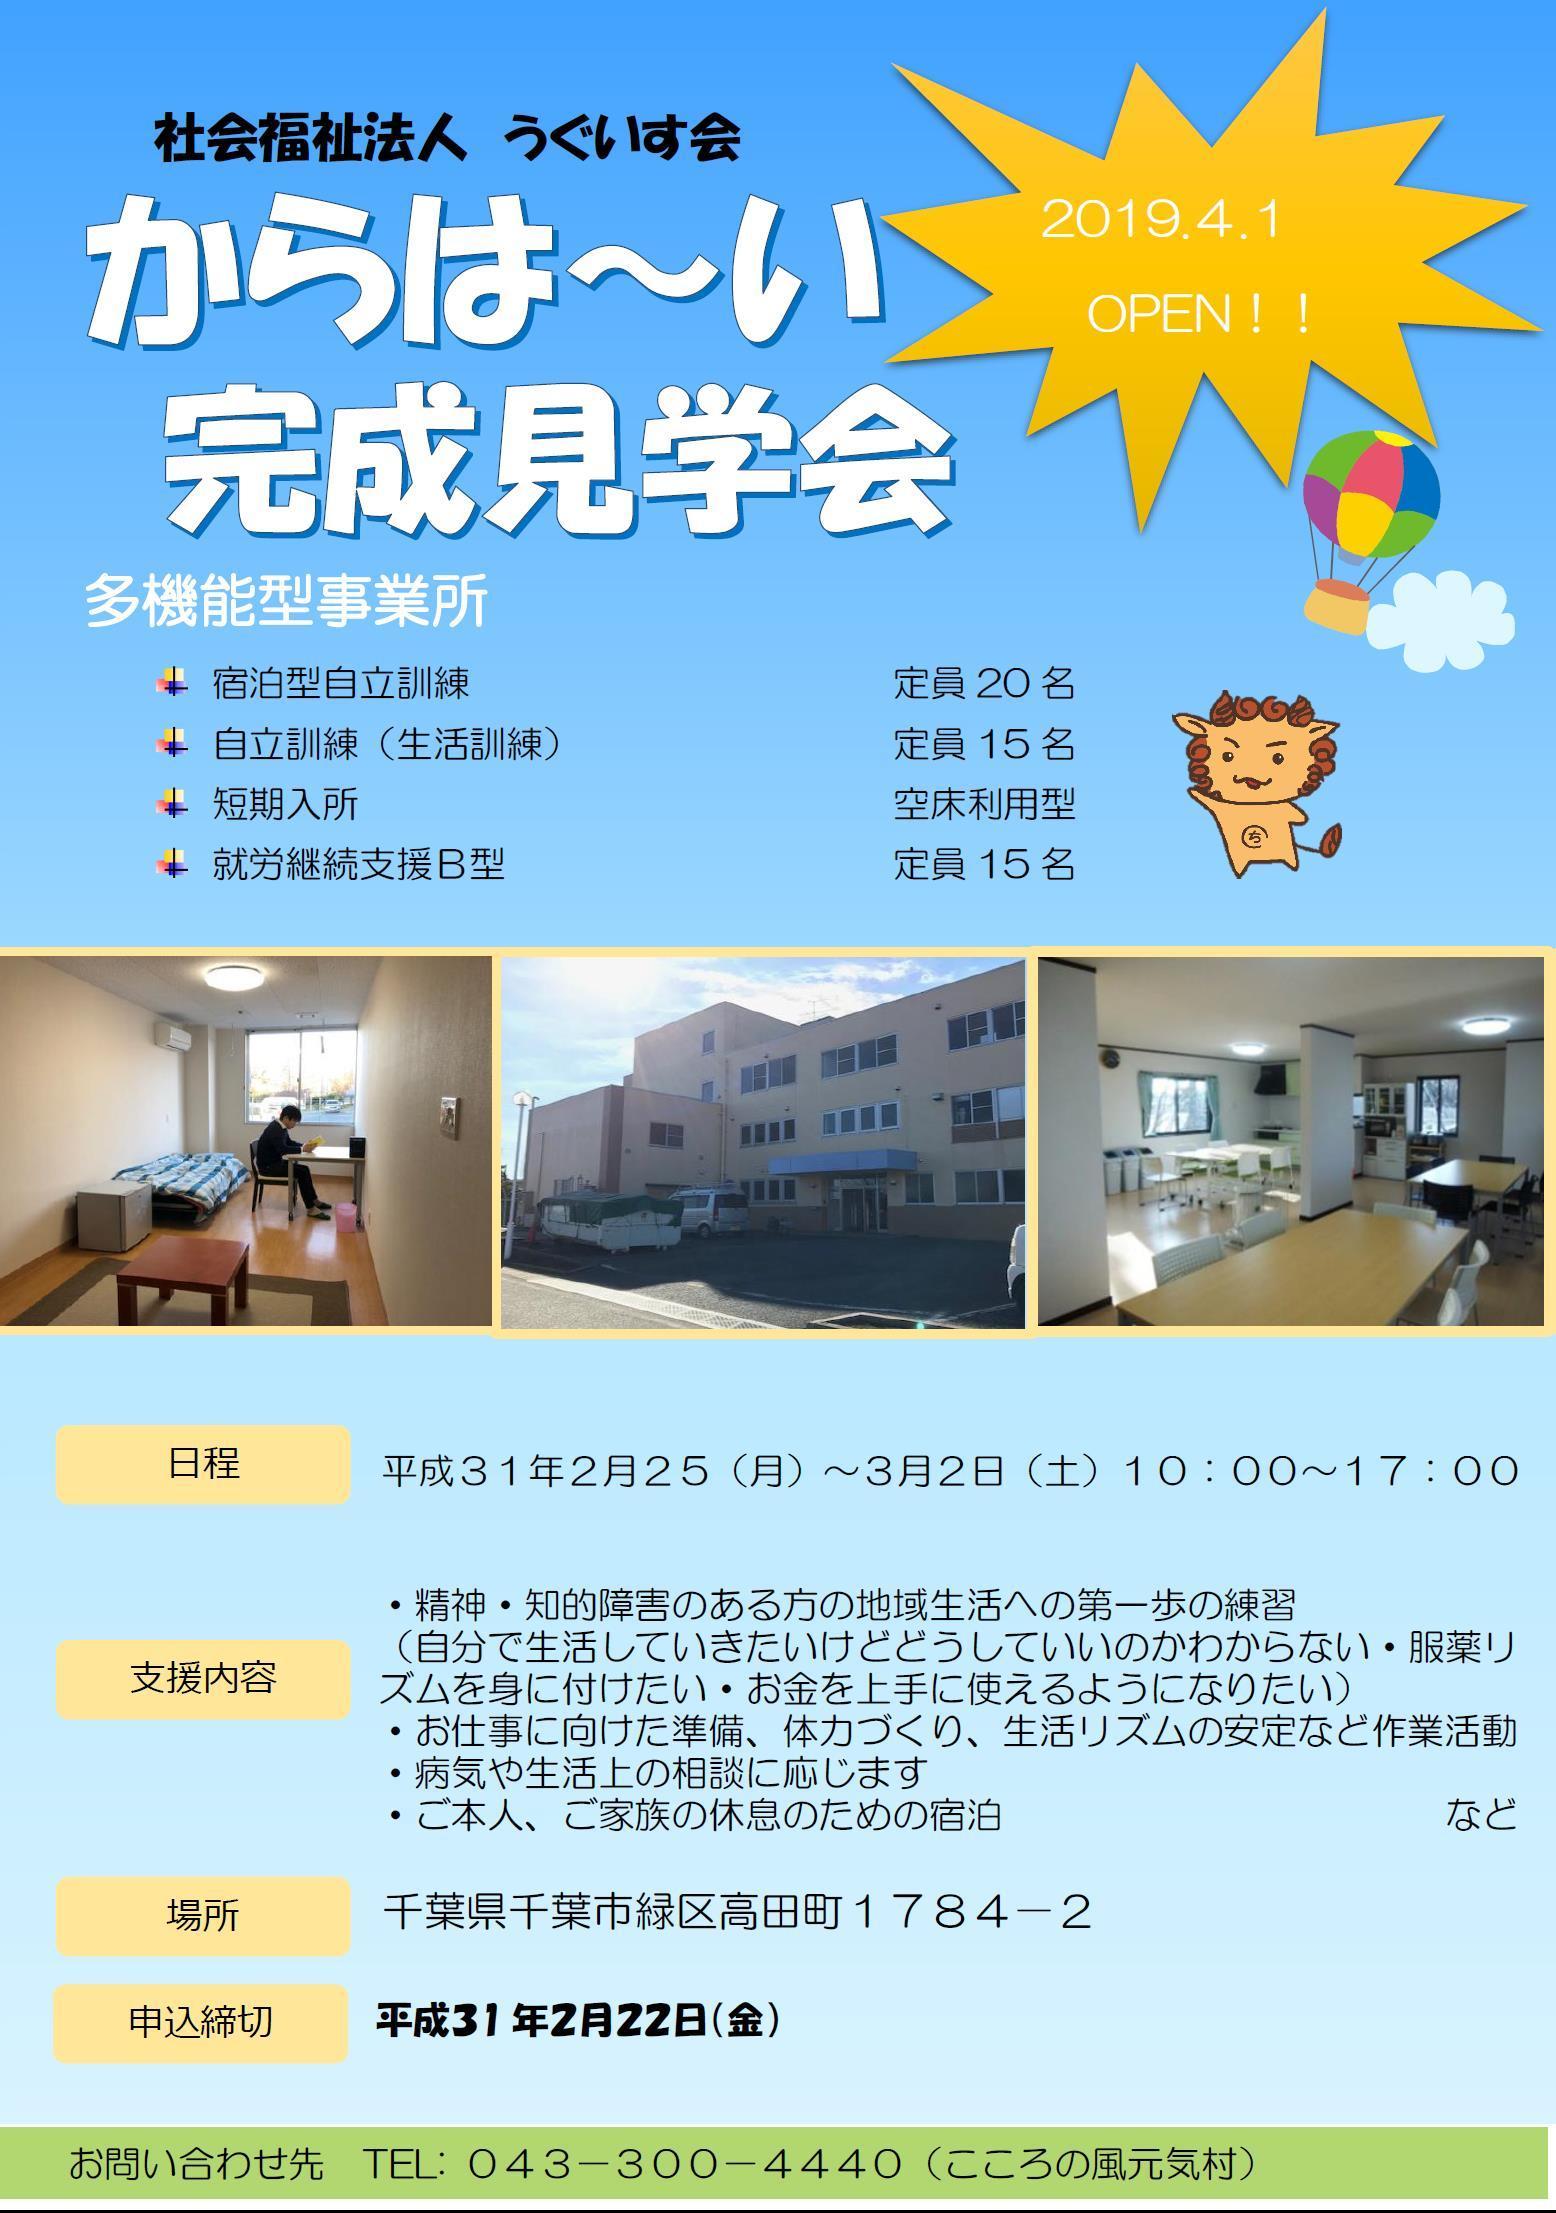 新規事業所オープン からは~い_e0164724_15453380.jpg